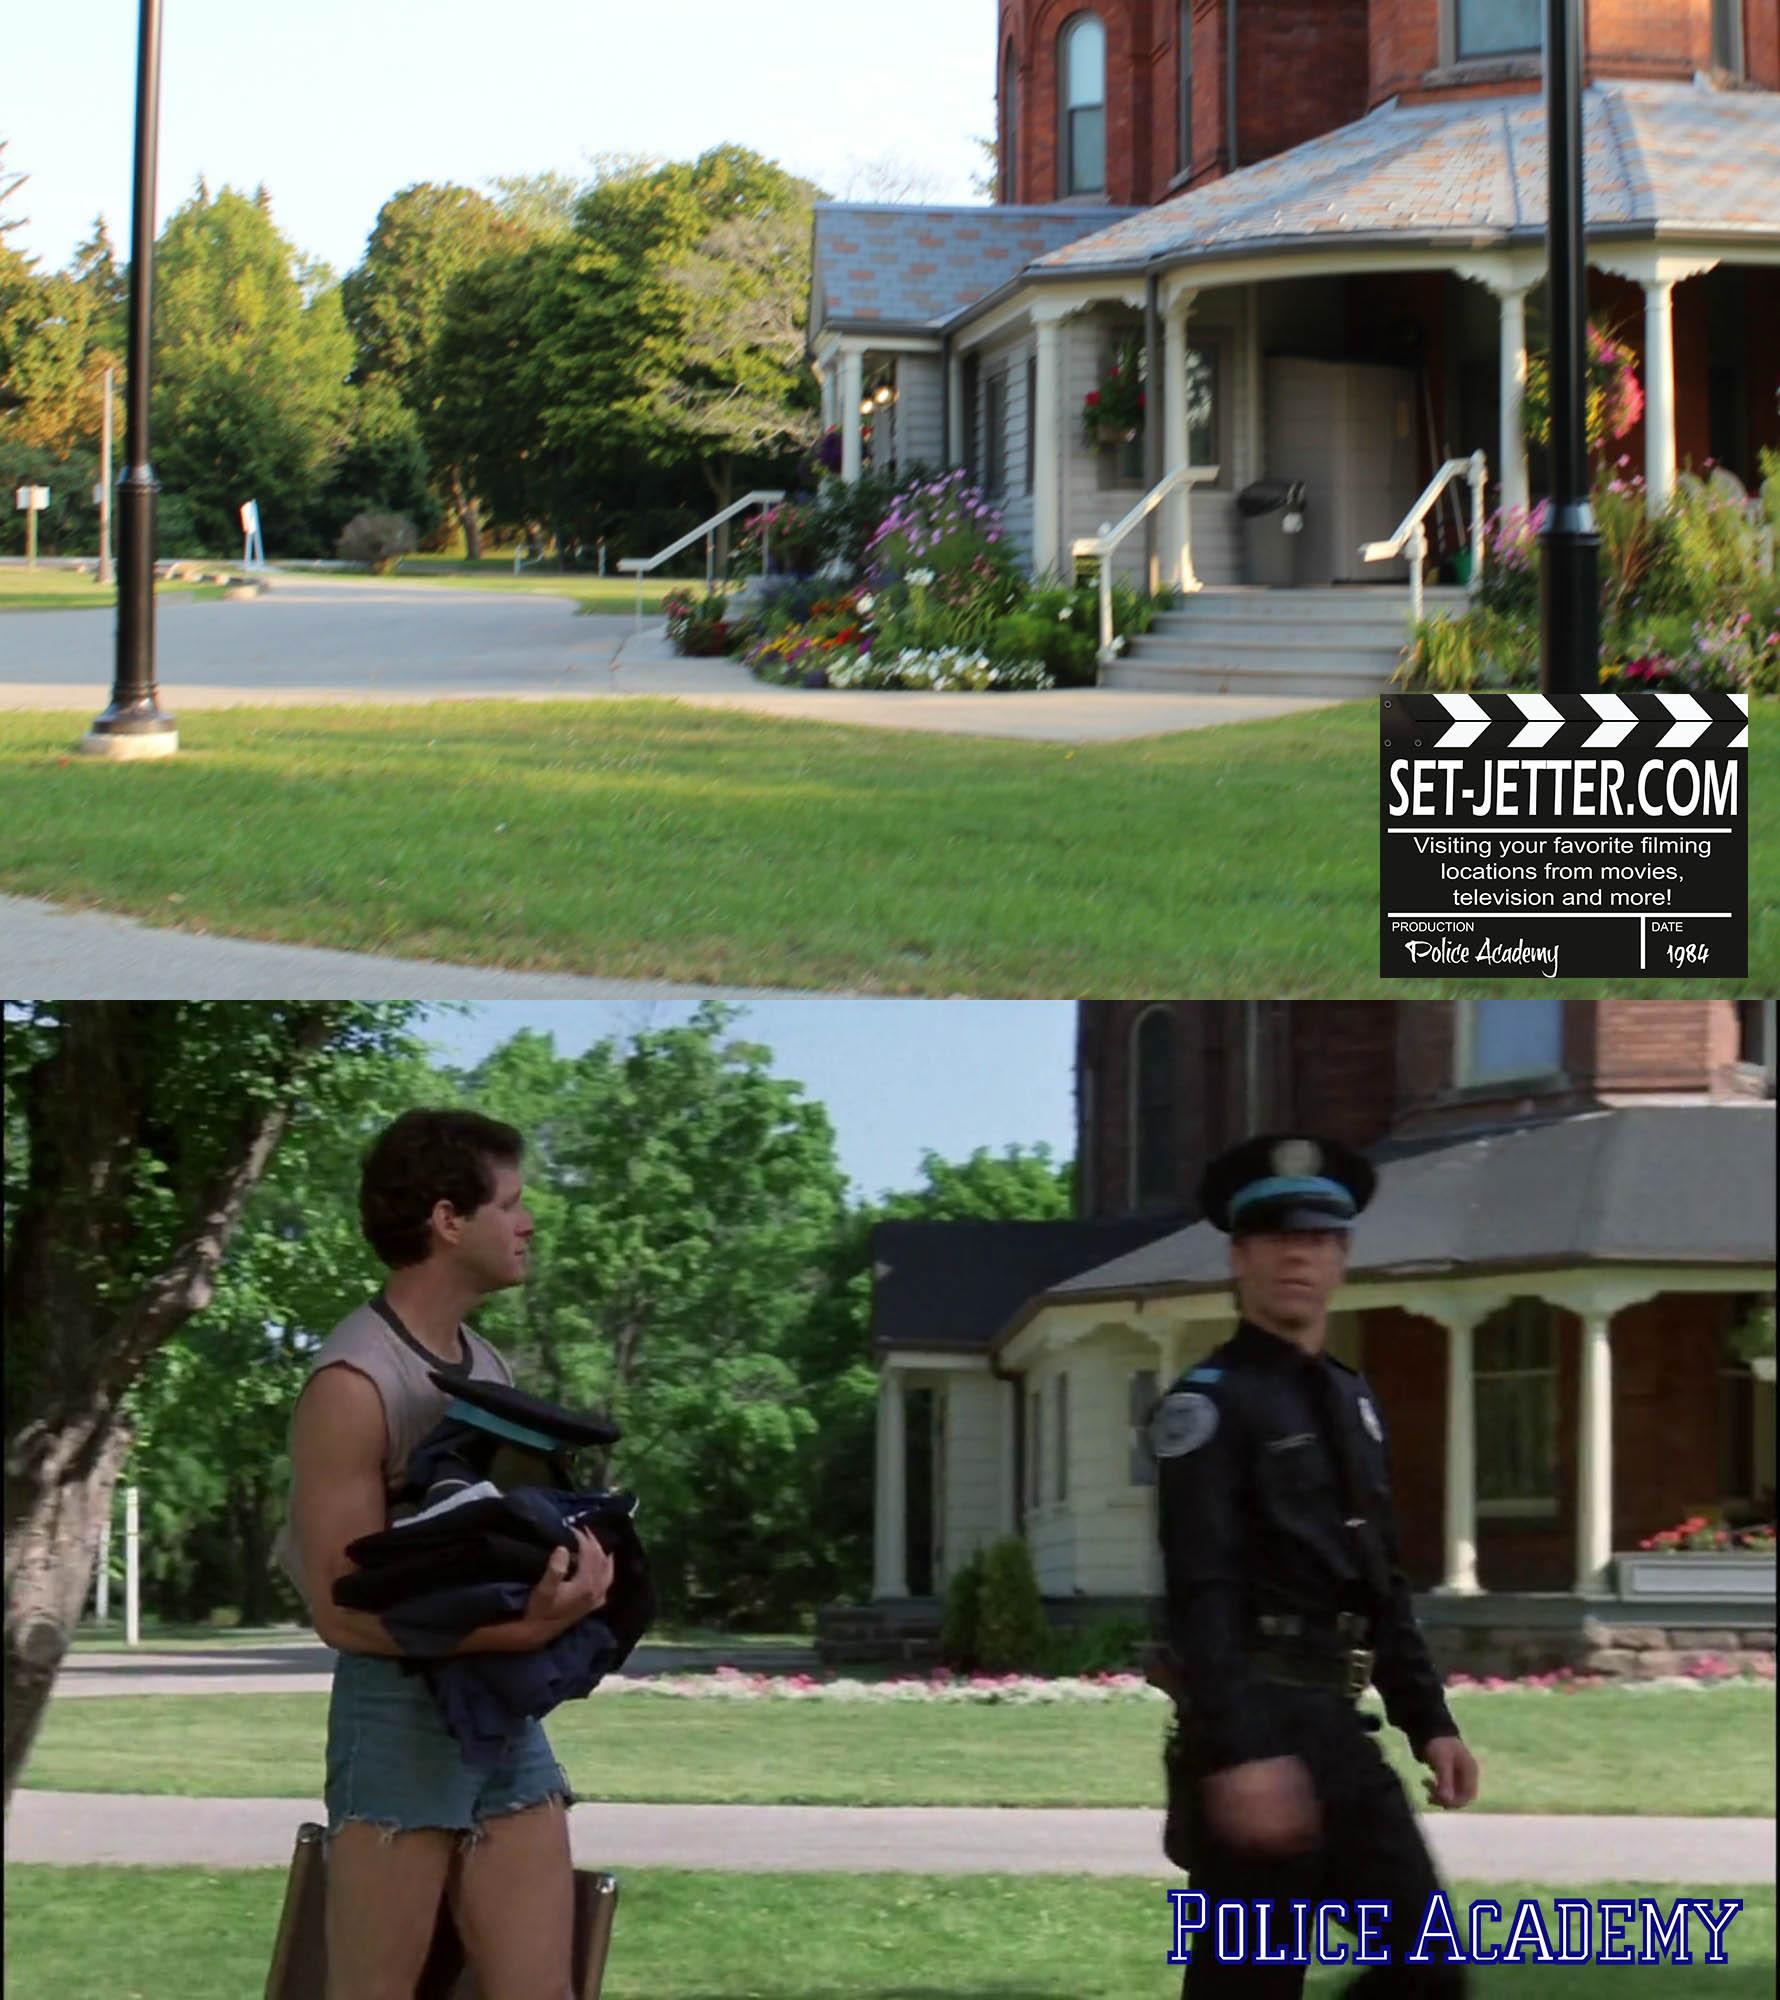 Police Academy 024.jpg